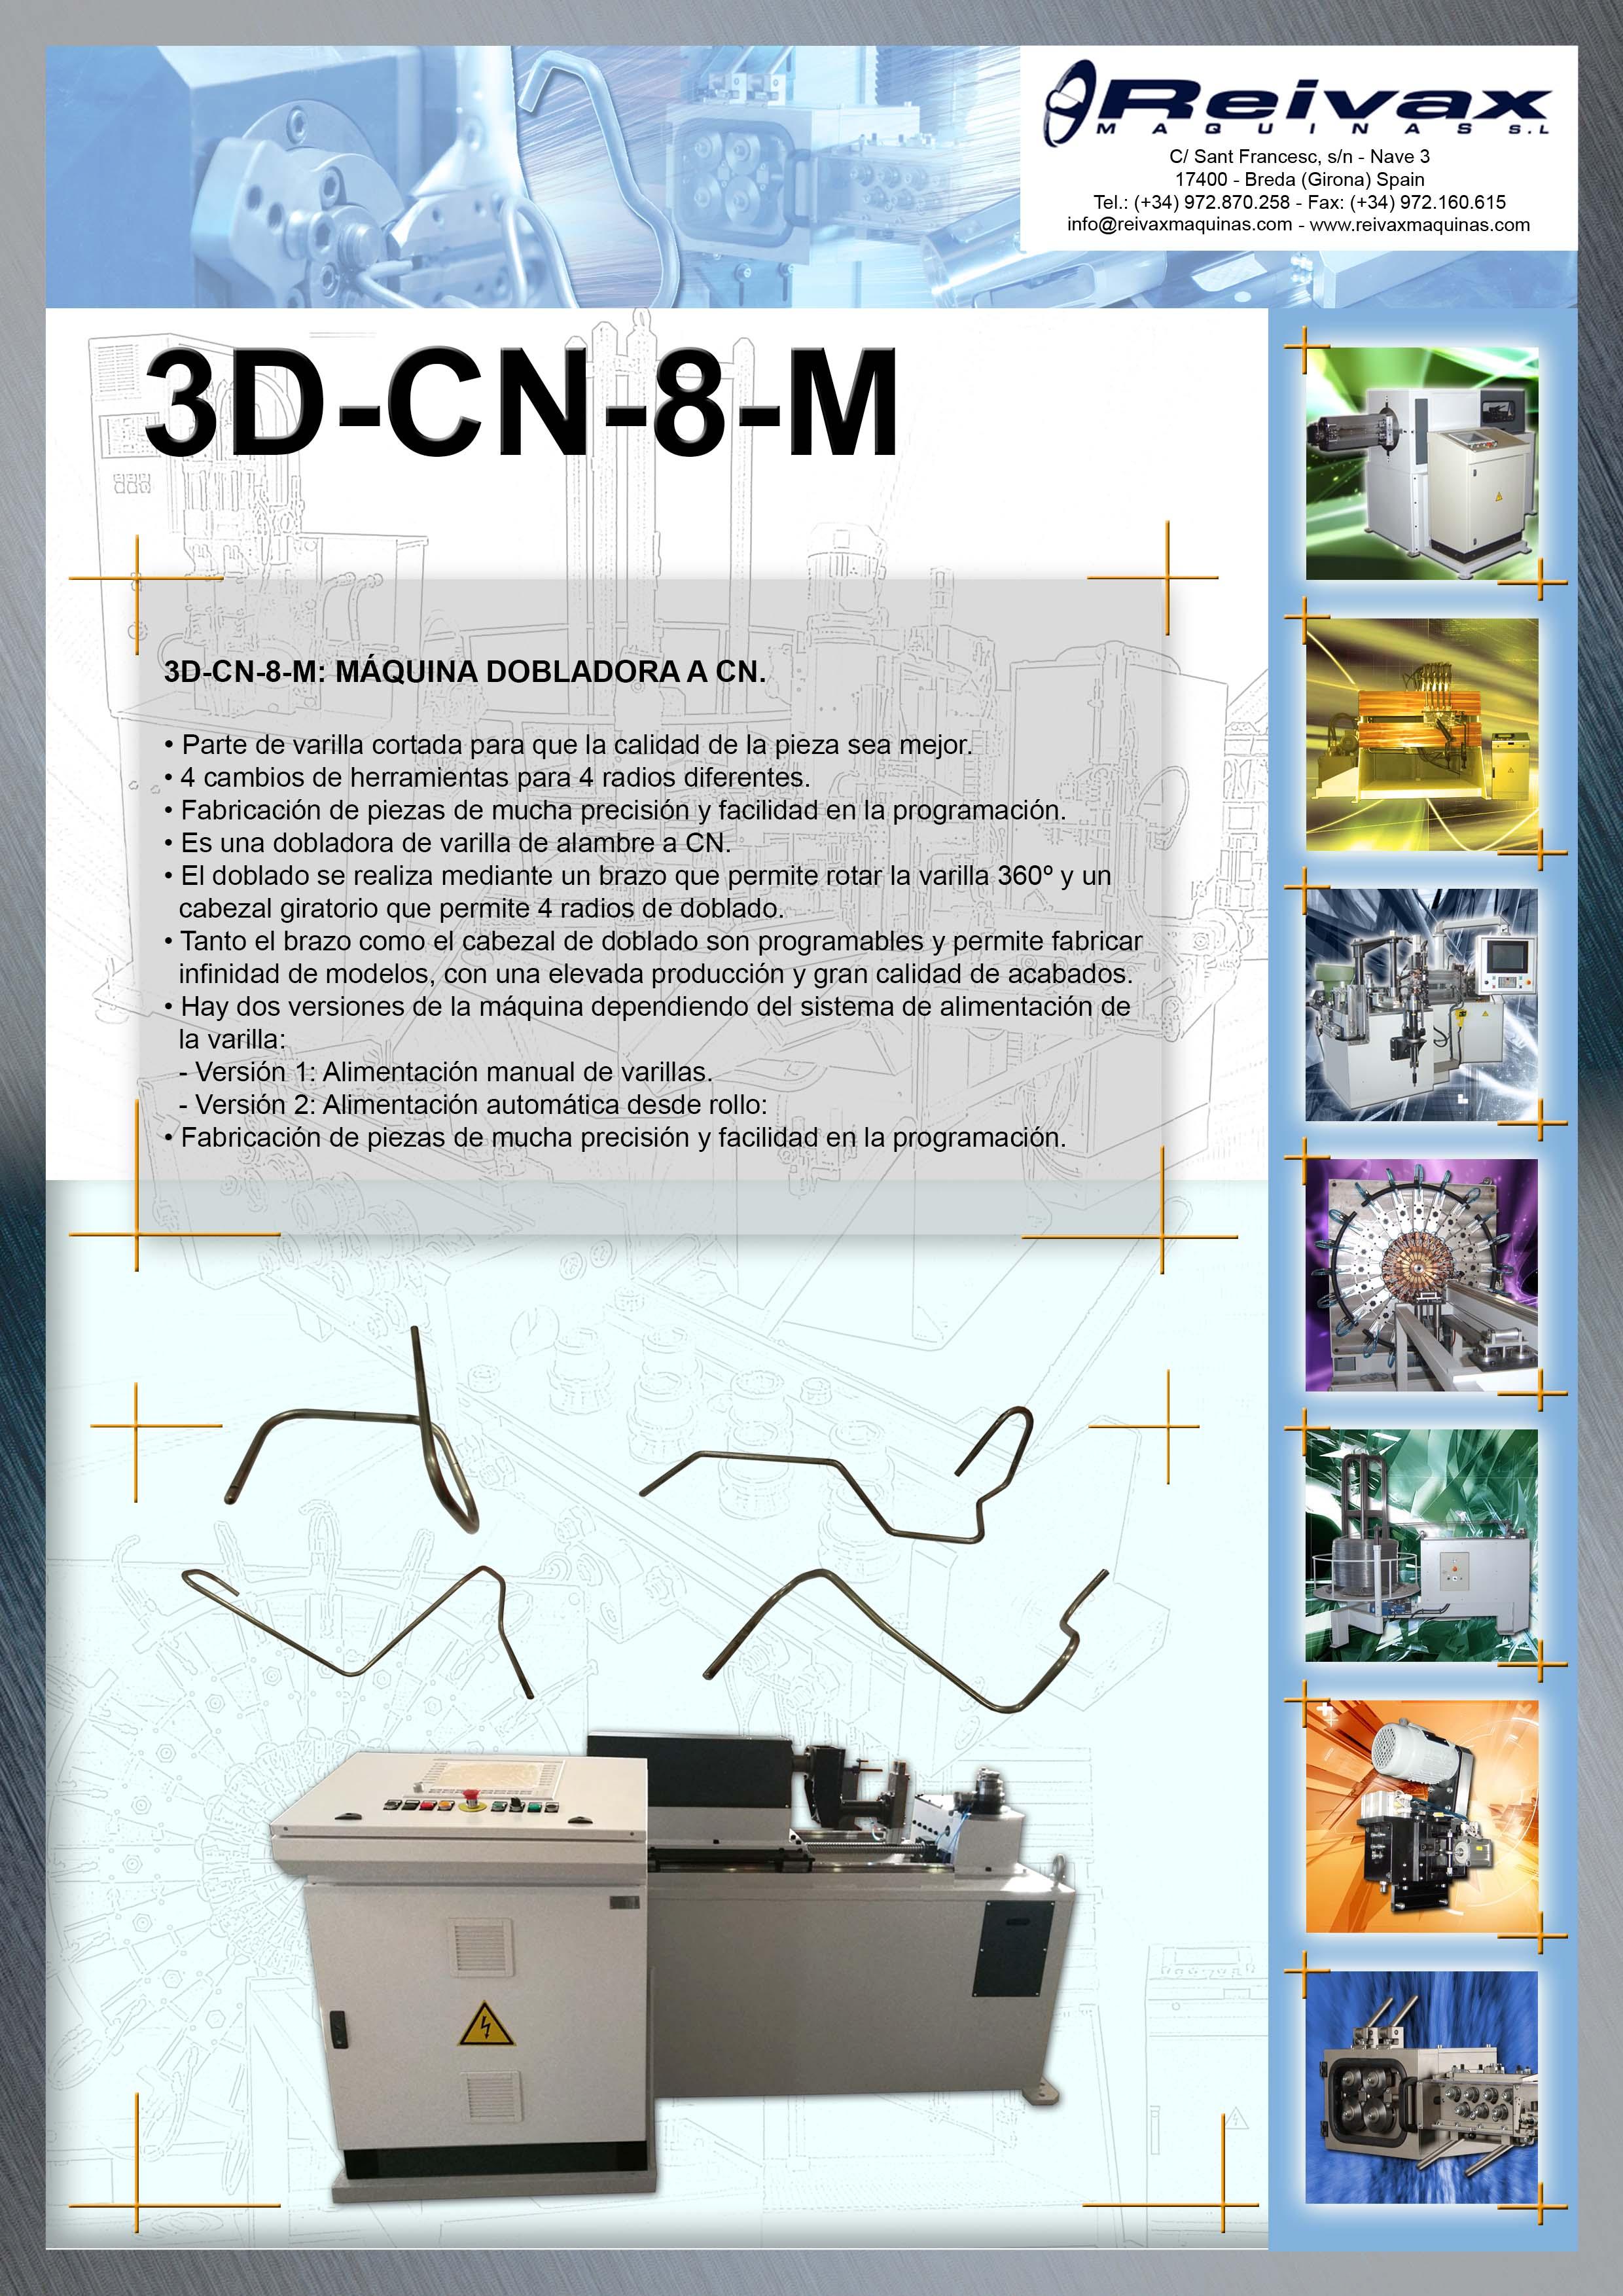 ReivaxMaquinas: Ficha tecnica 3D-CN-8-M